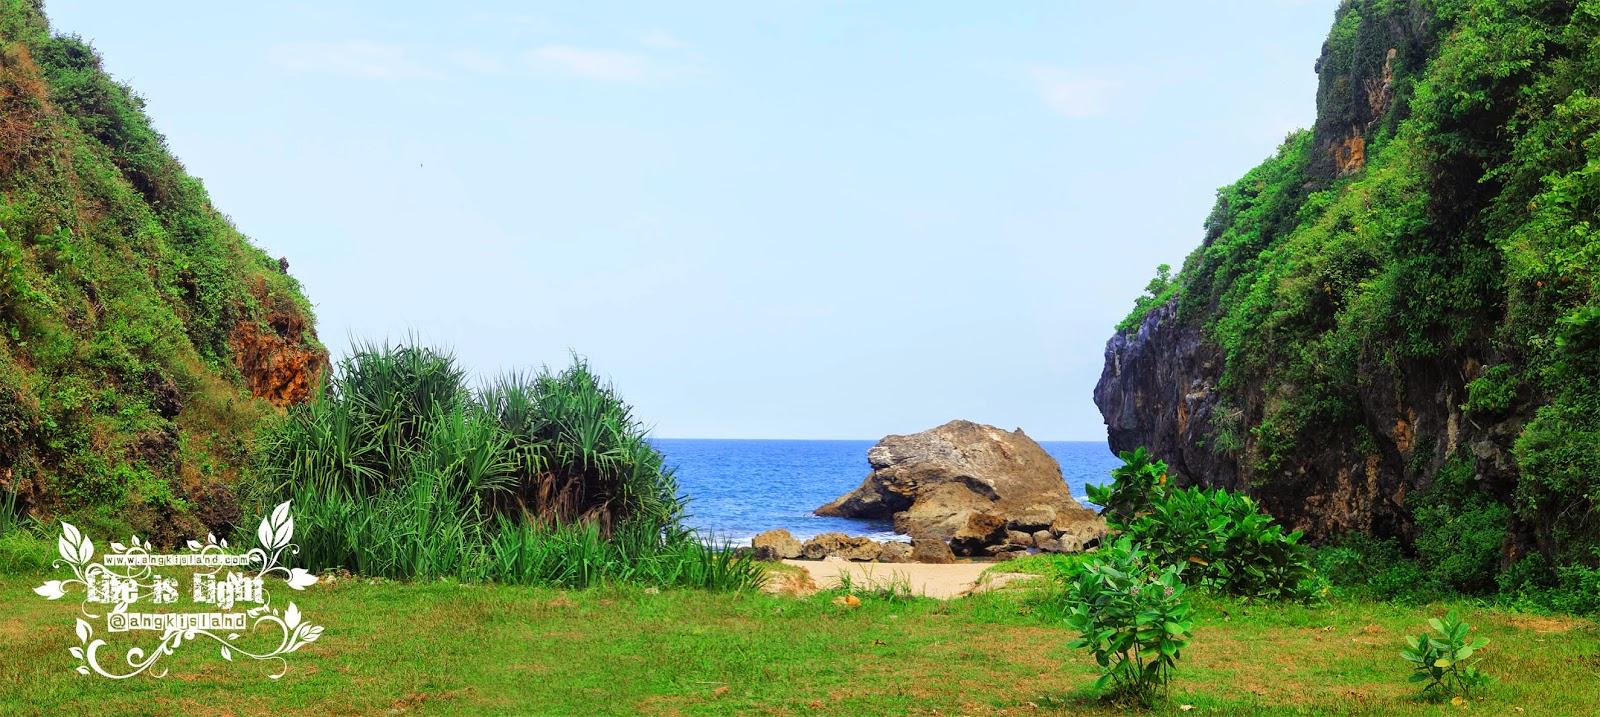 Pantai Wohkudu di antara dua bukit